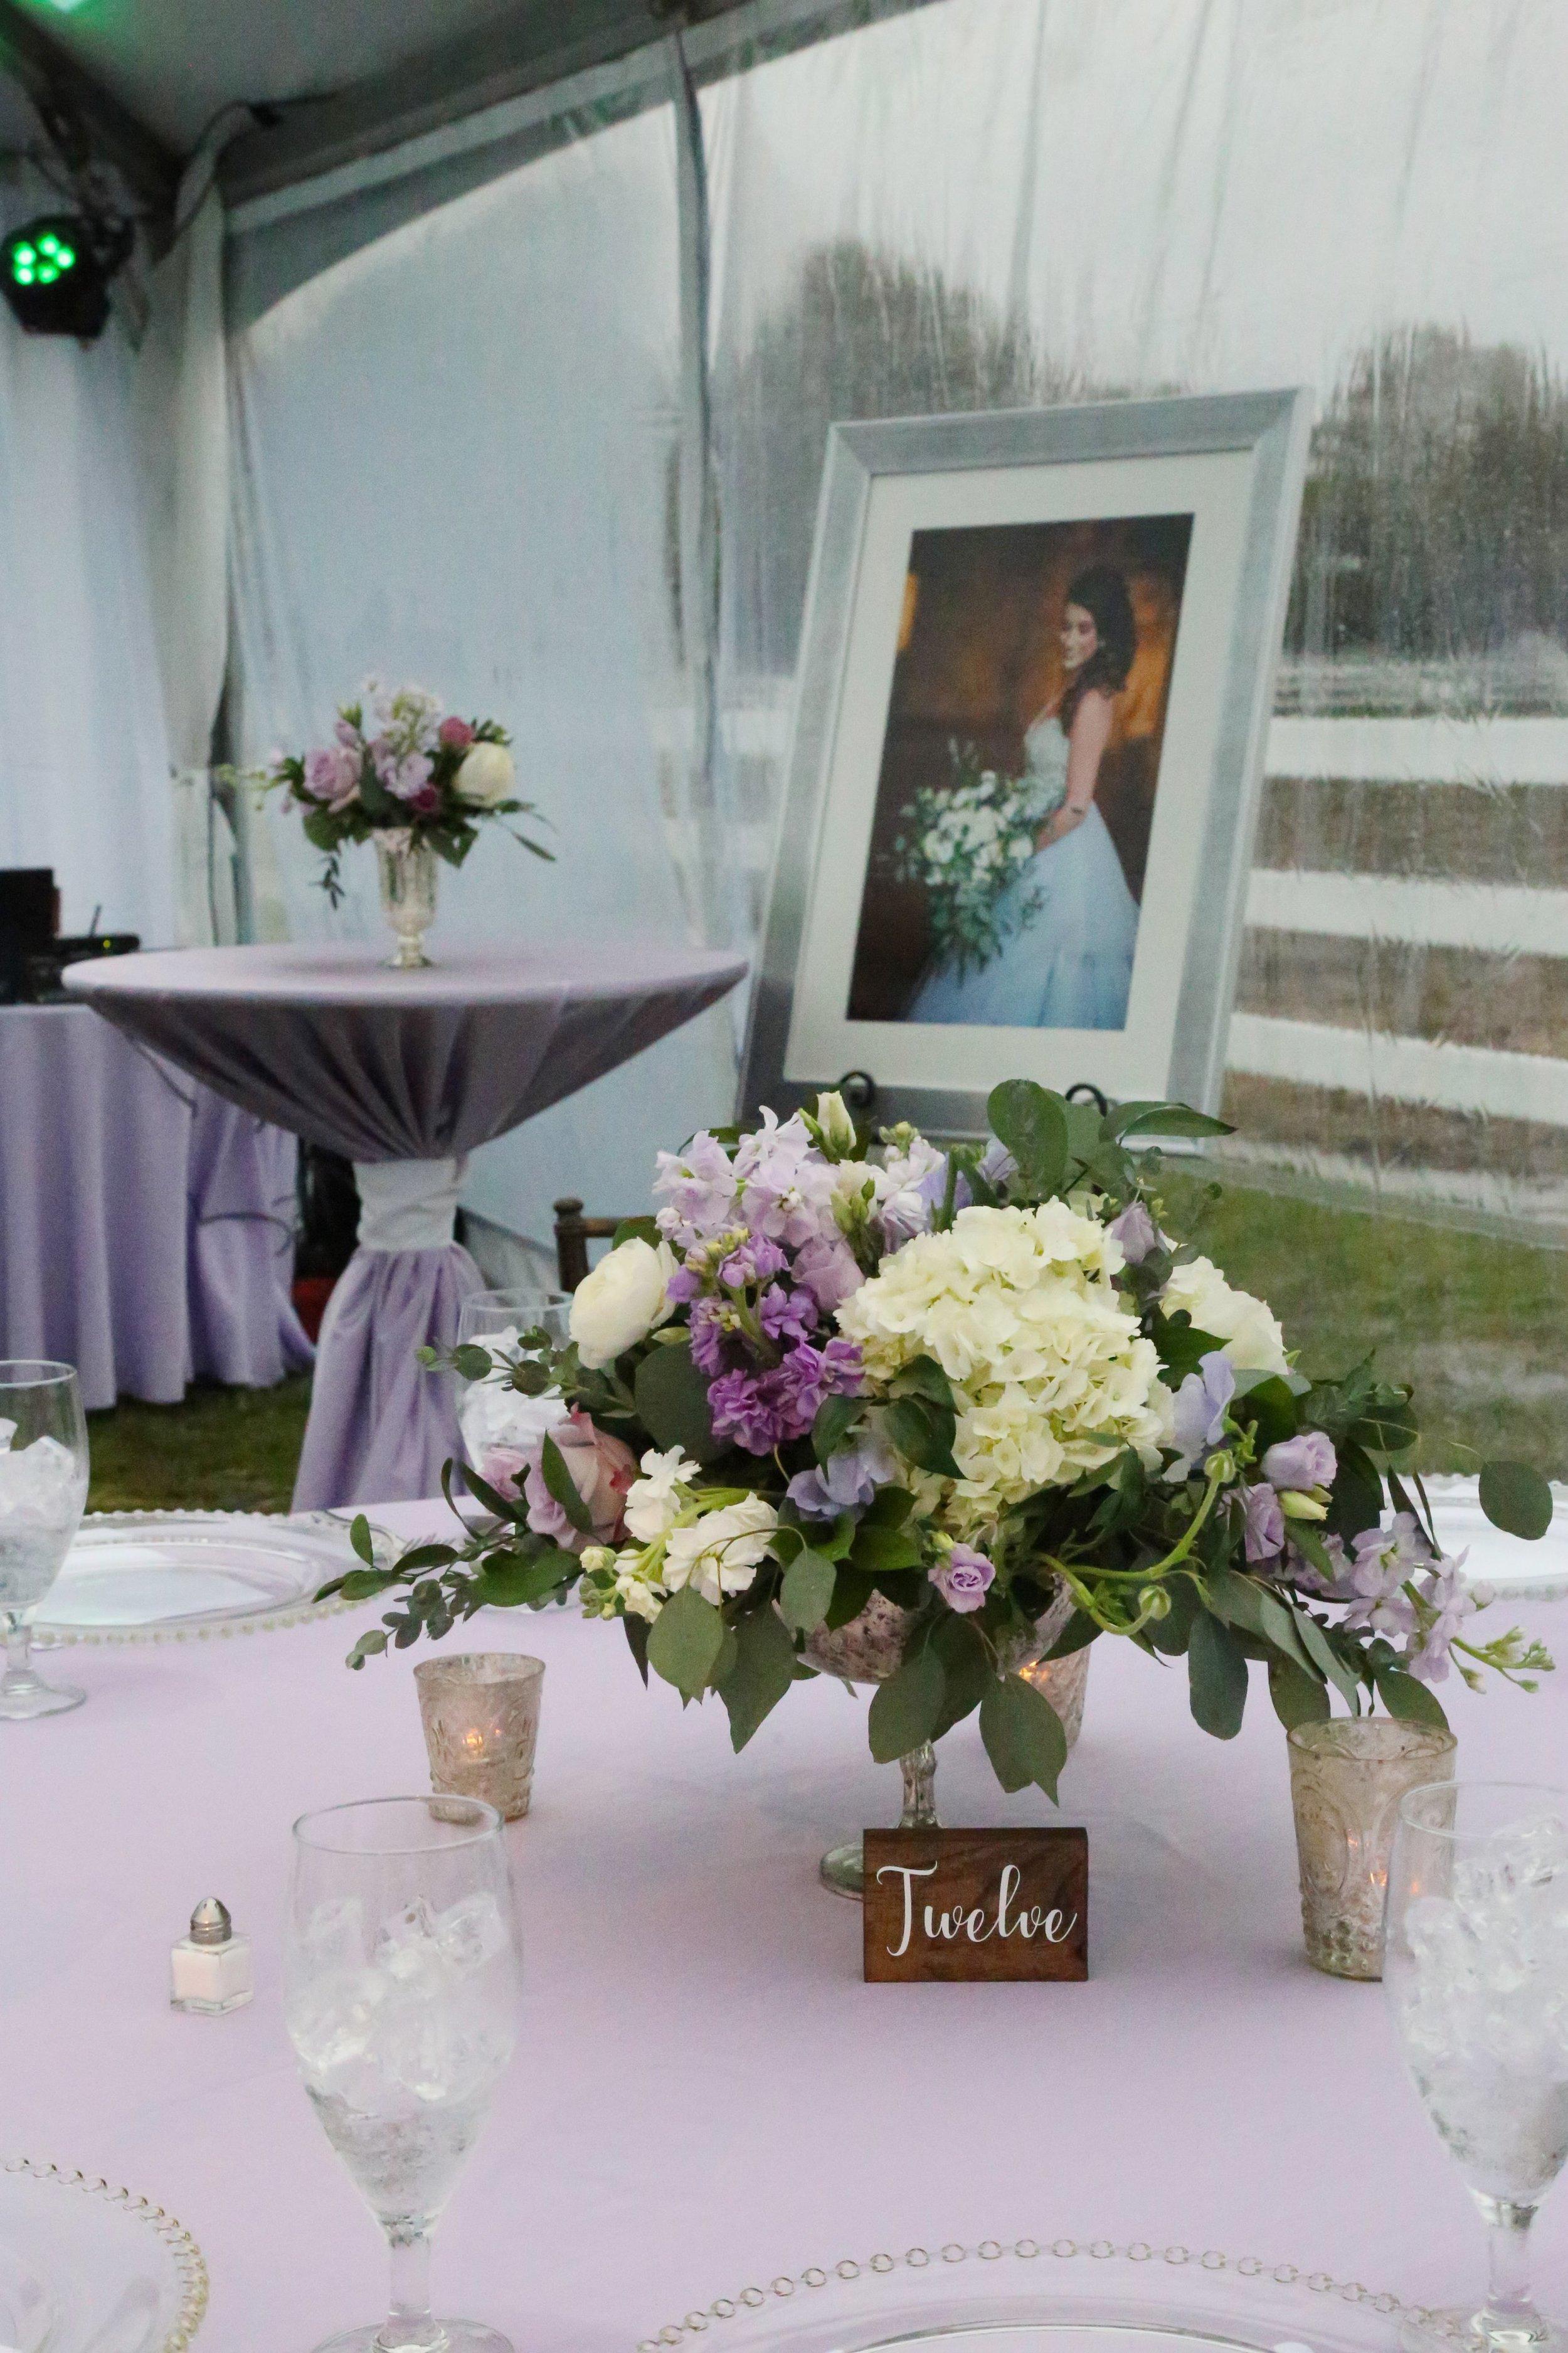 Centerpiece, Brooke's Bridal Portrait & Cocktail Table.jpg